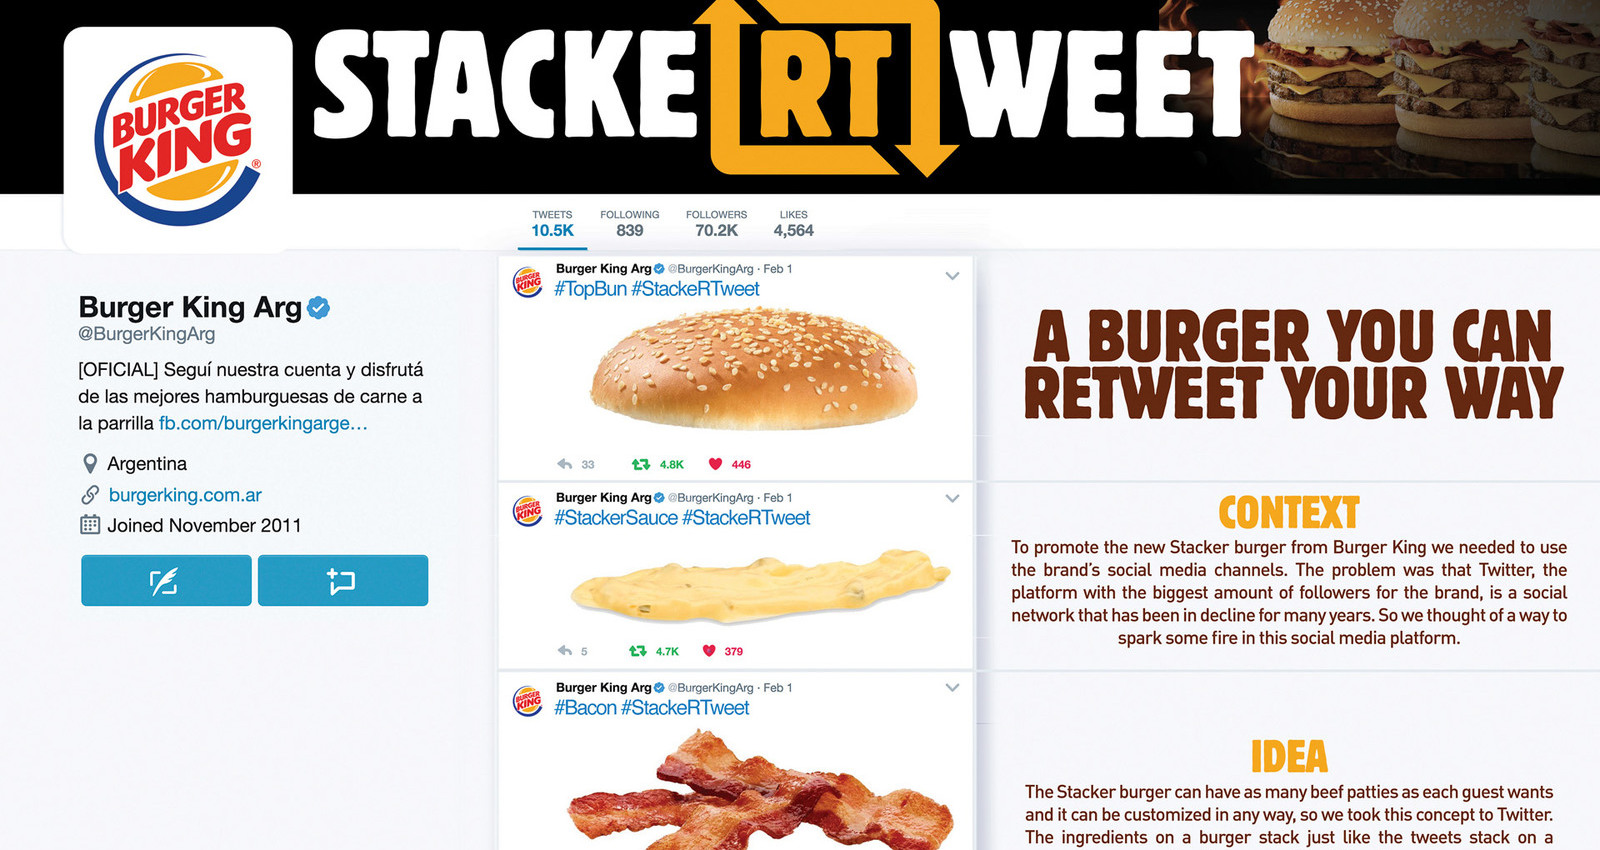 StackeRTweet